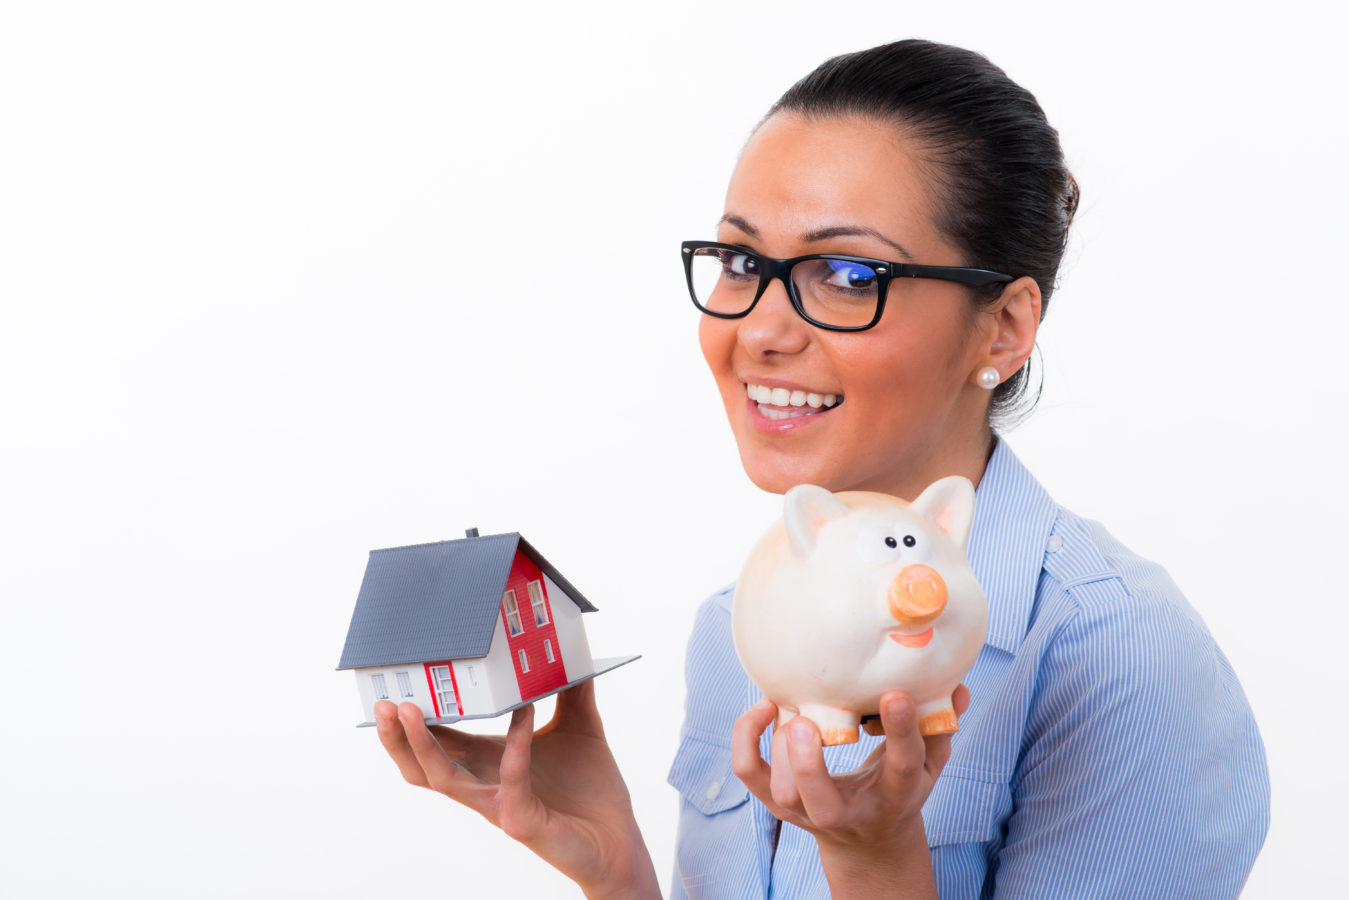 Comment déterminer mon domicile fiscal ?